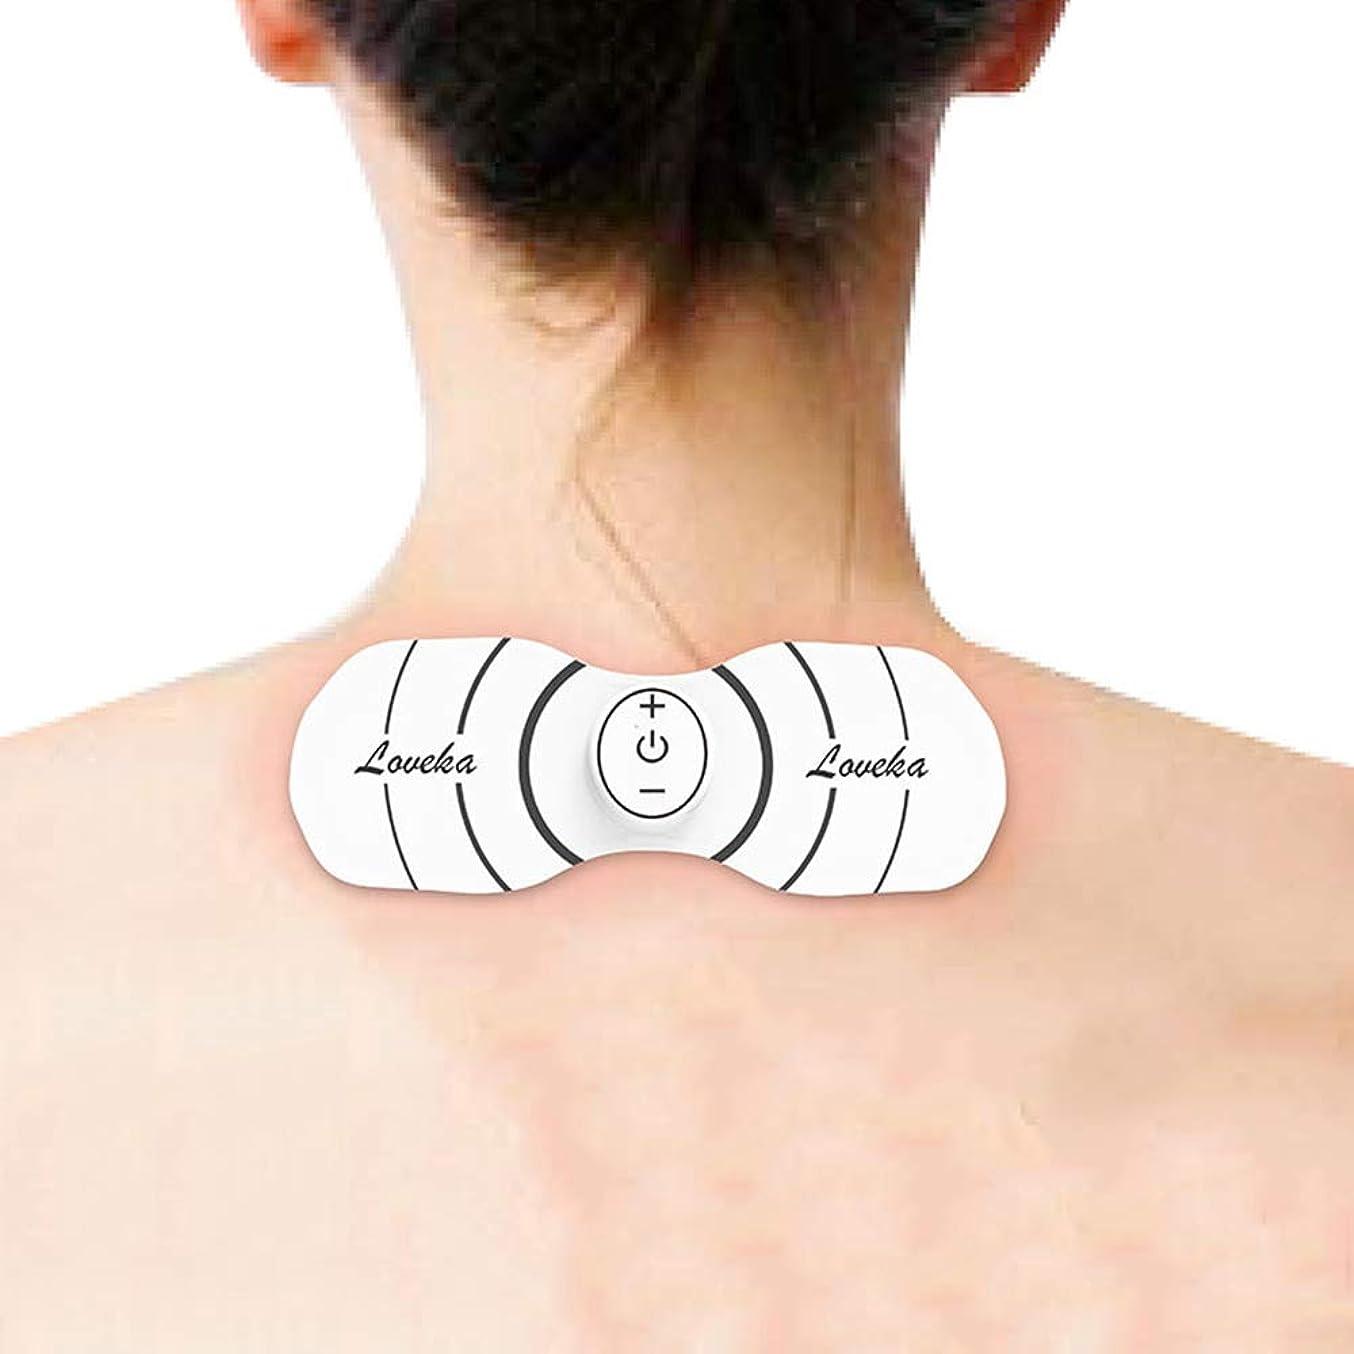 免除鉄濃度ミニ頸部マッサージusb電気筋肉浚渫EMSパルスショルダーマッサージ体重減少整形スポーツフィットネス機器ギフトユニセックス